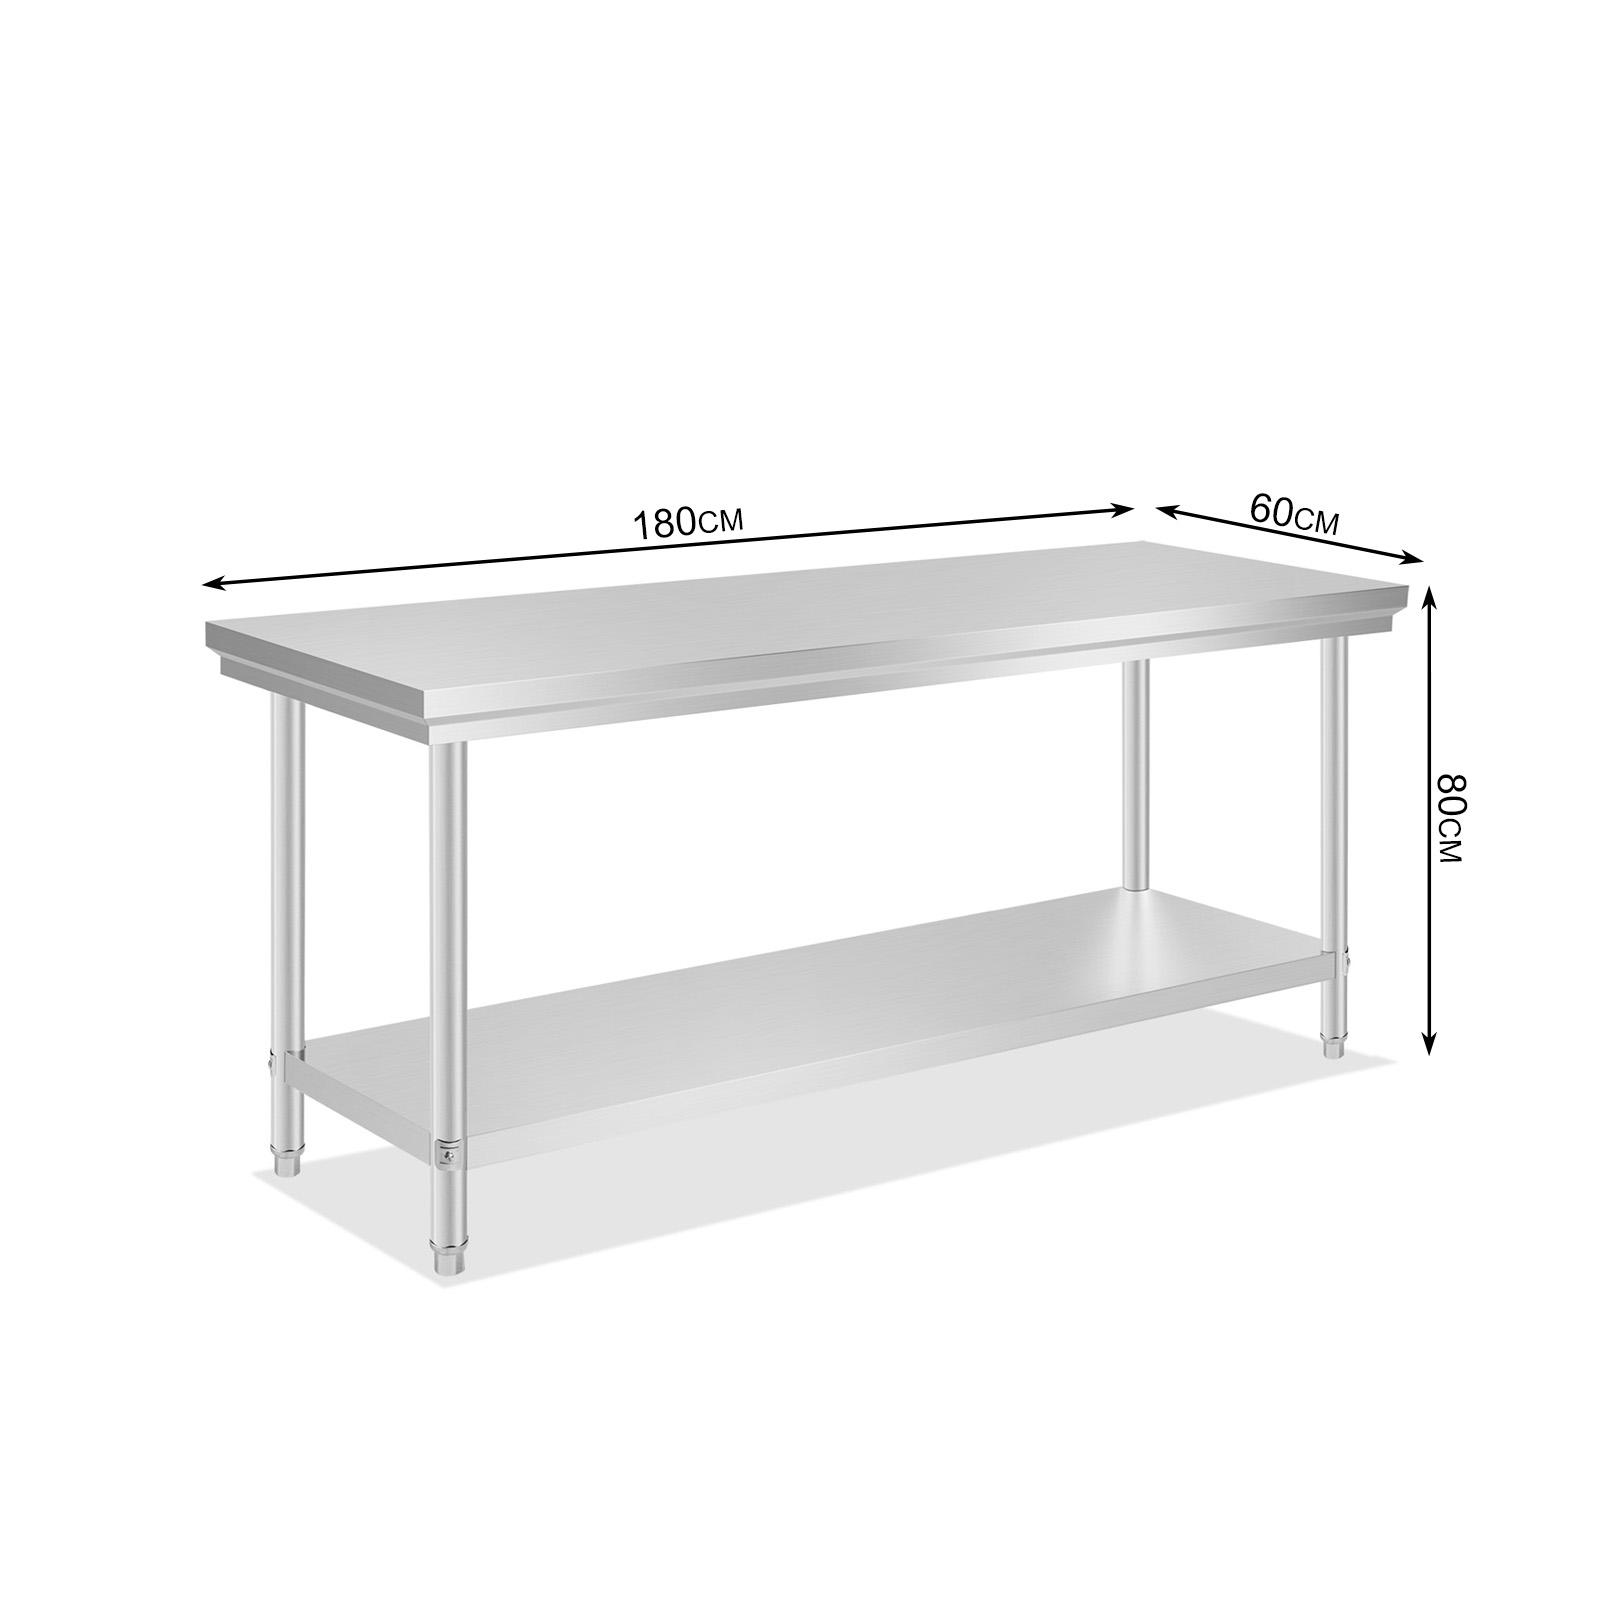 commercial stainless steel kitchen work bench top food grade prep  - commercialstainlesssteelkitchenworkbenchtopfood